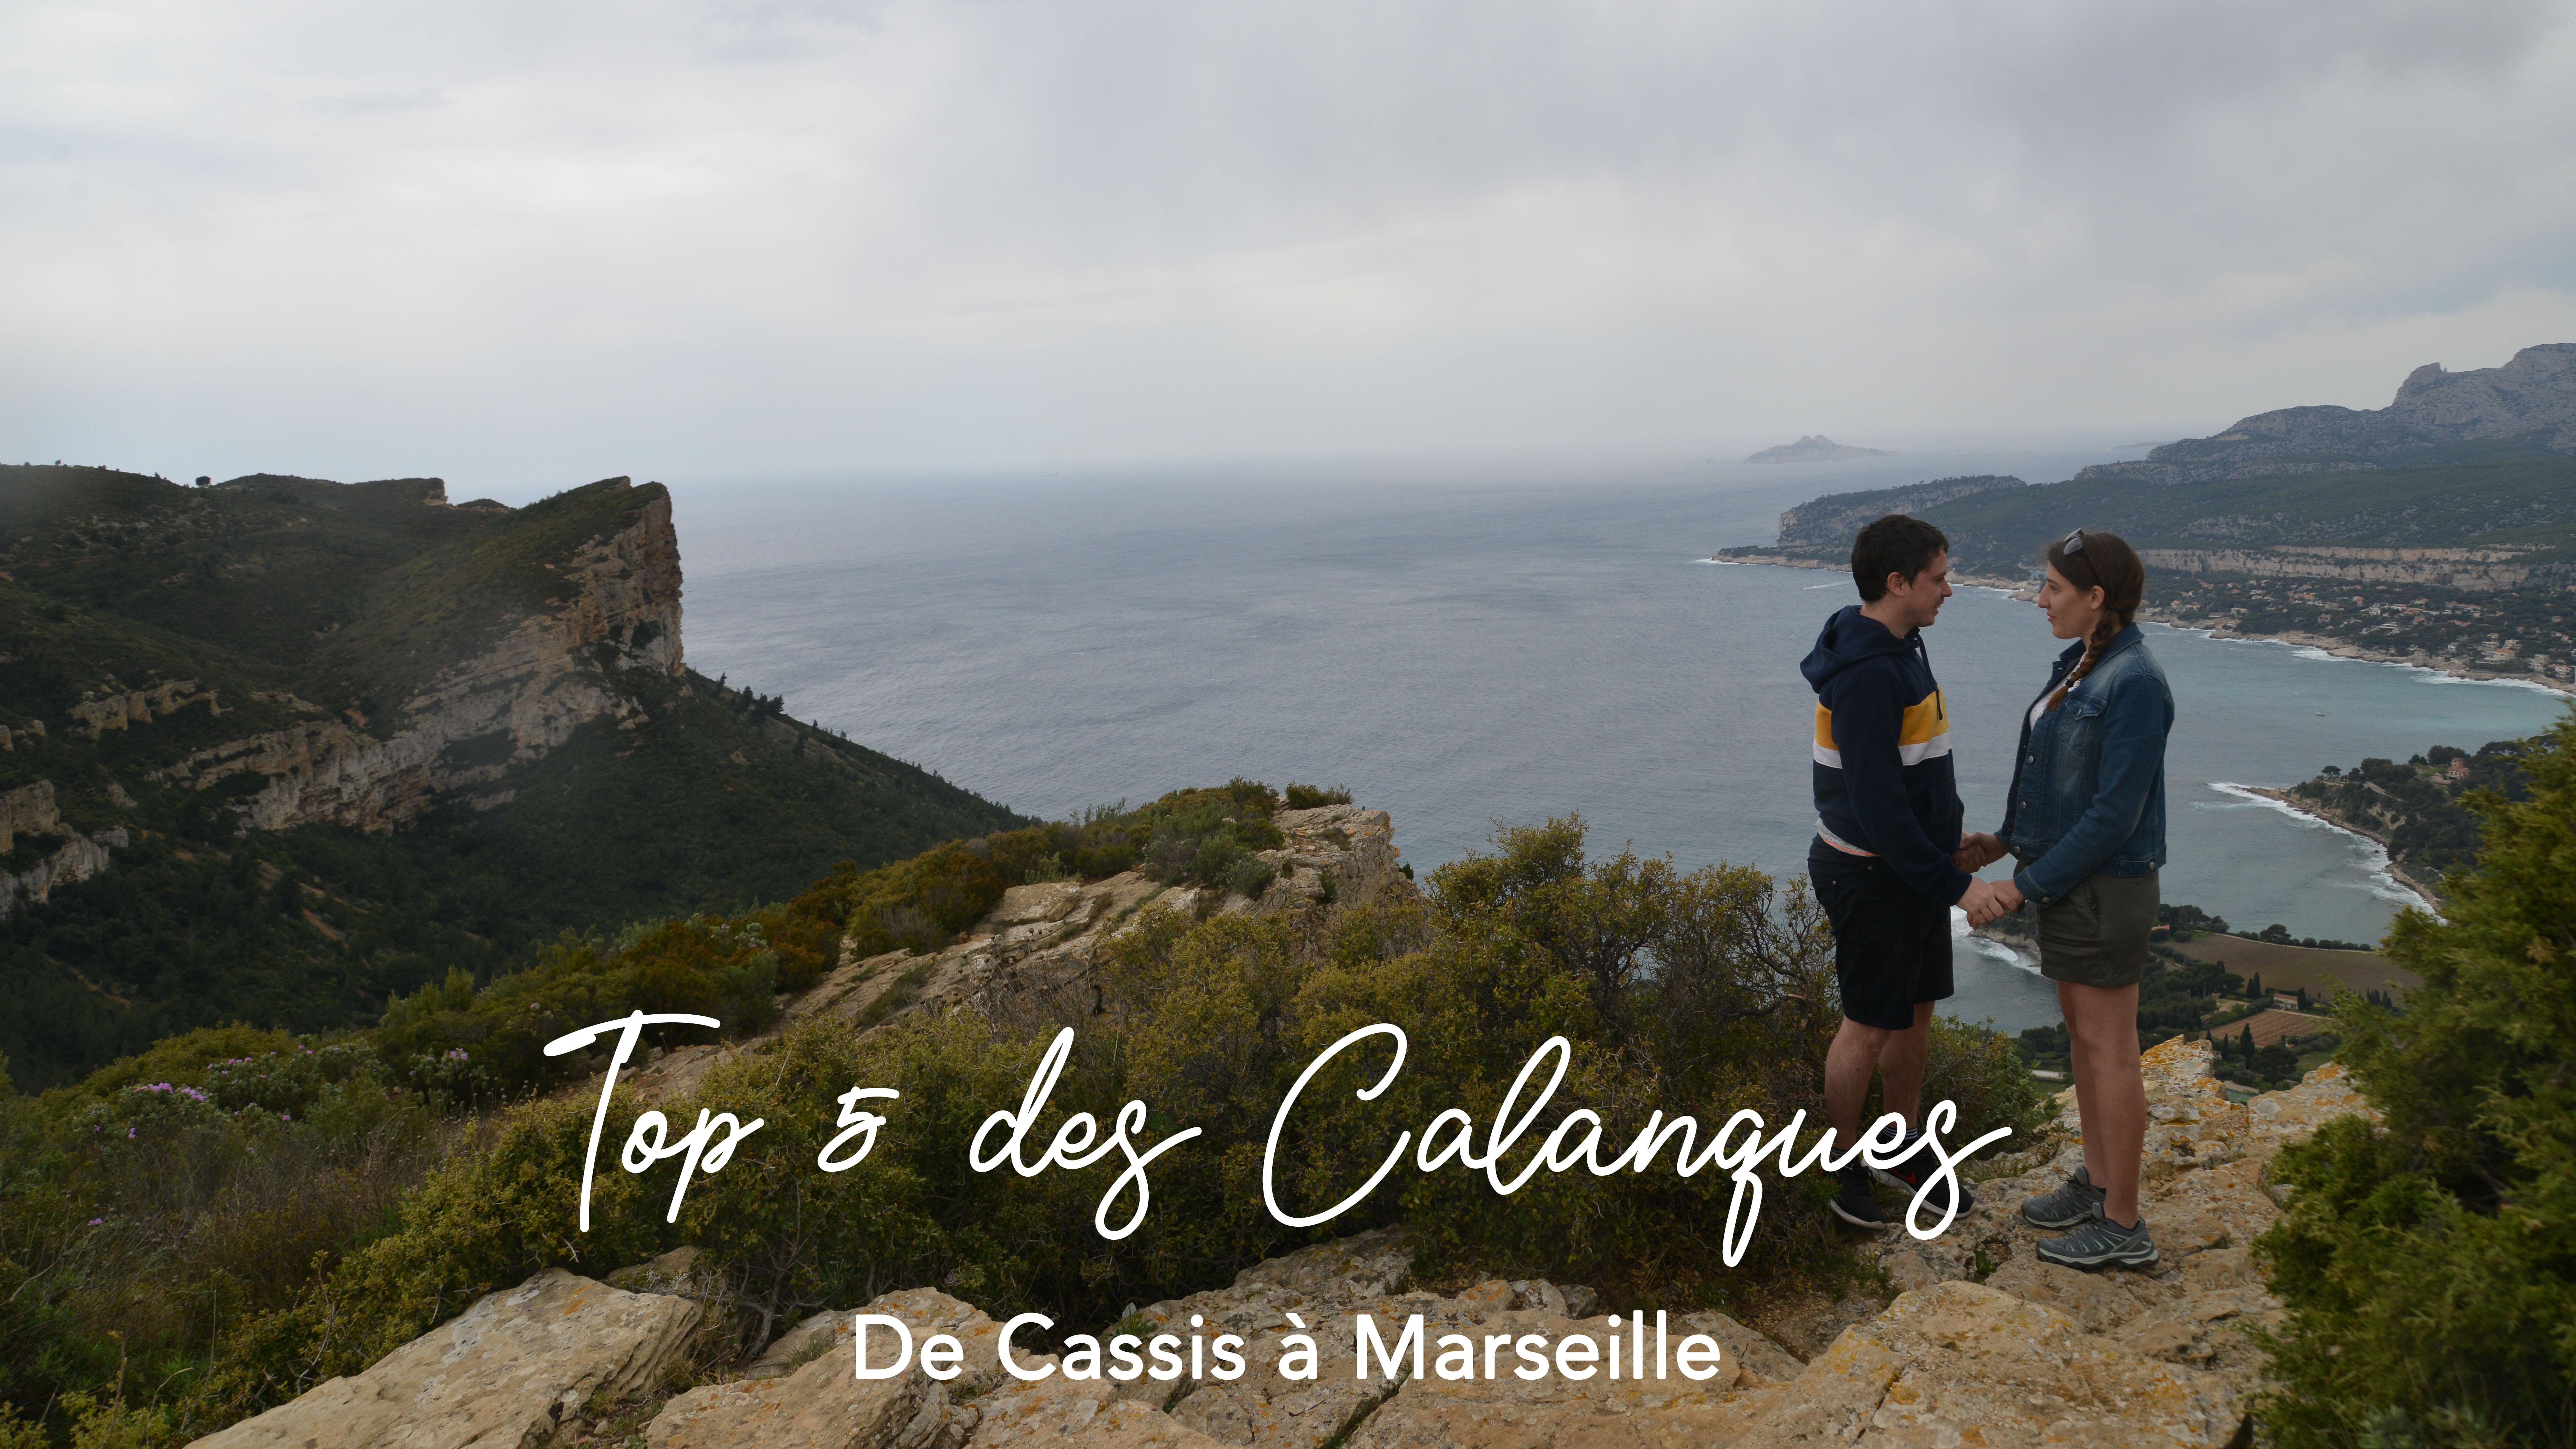 TOP 5 des Calanques –  De Cassis à Marseille